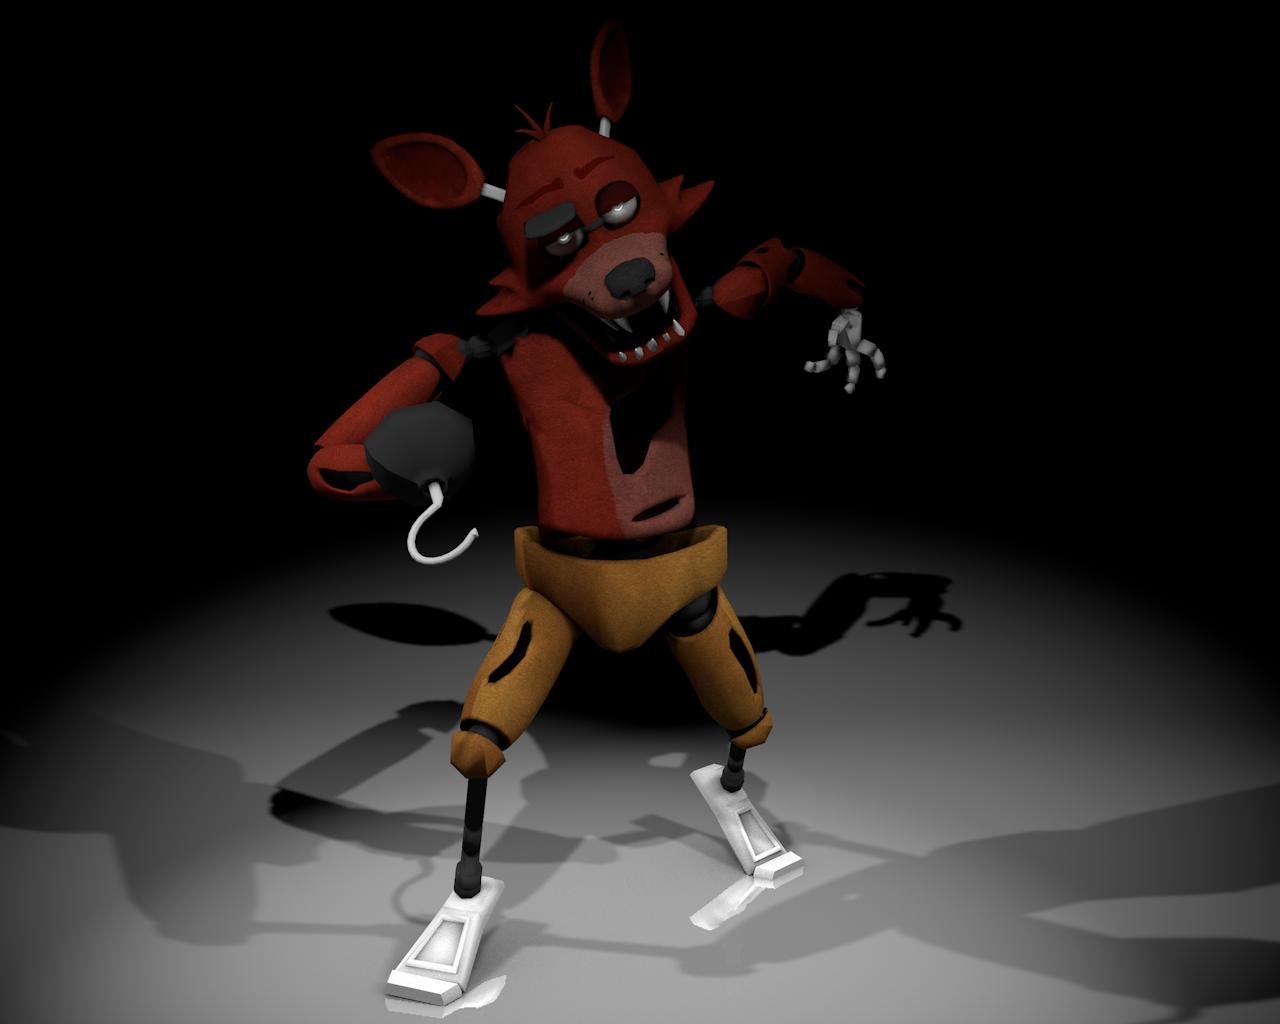 Fnaf Foxy By Simpleagle On Deviantart